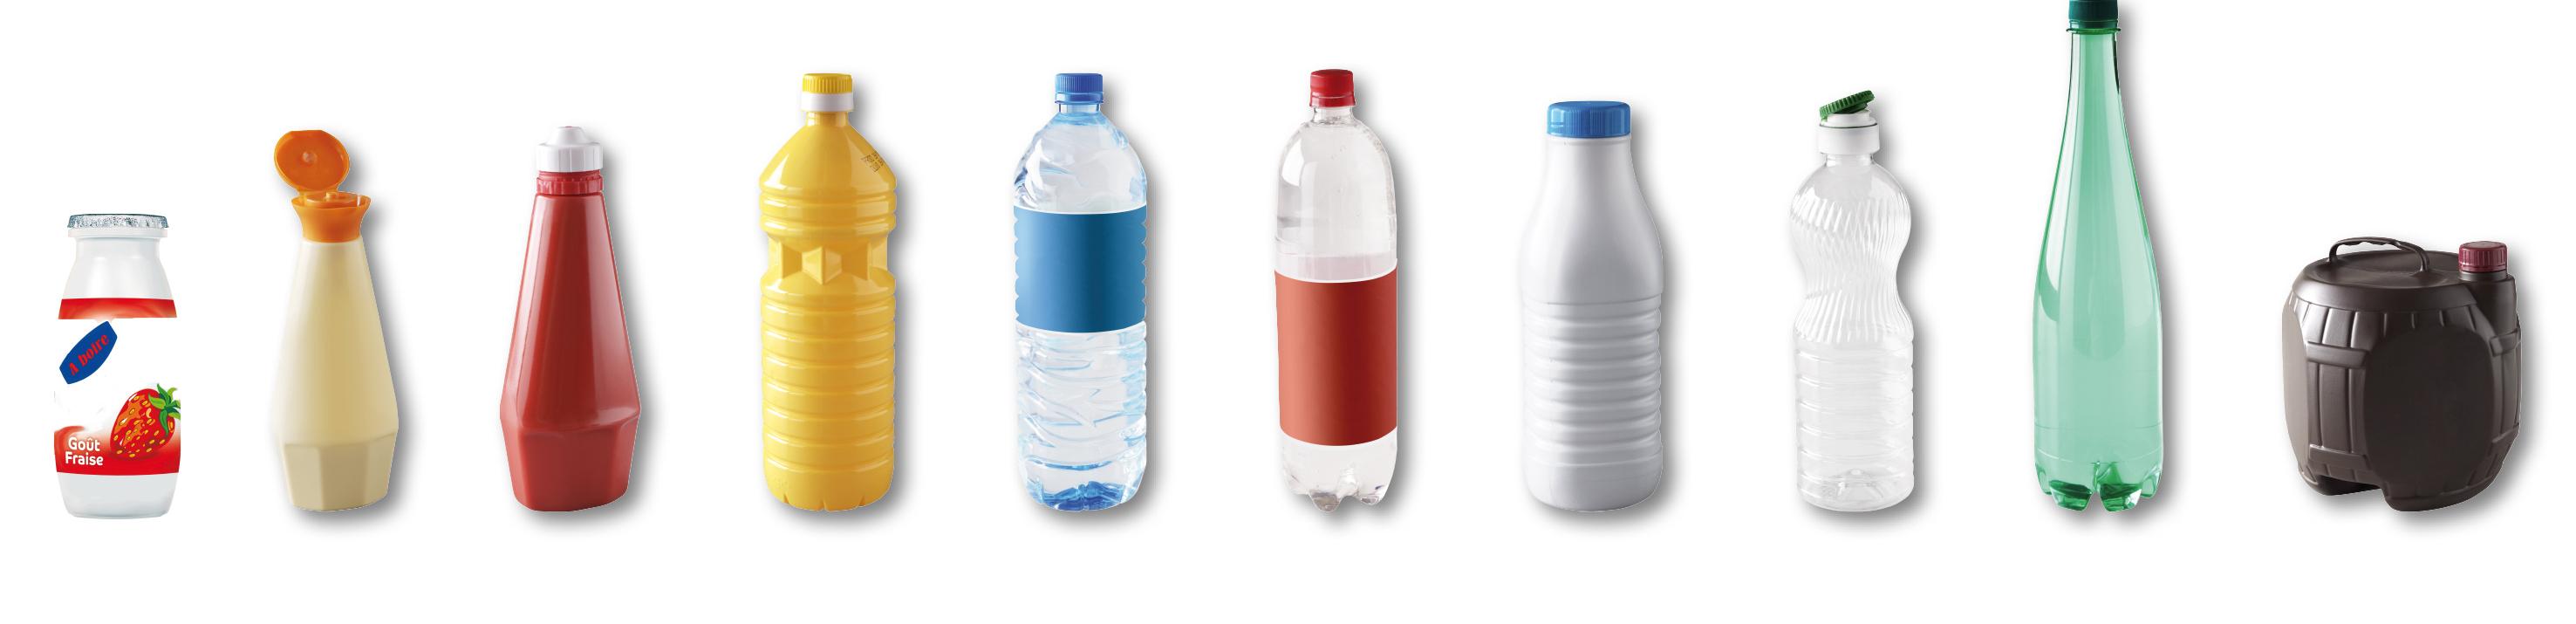 Bouteilles d'eau jus de fruits soda